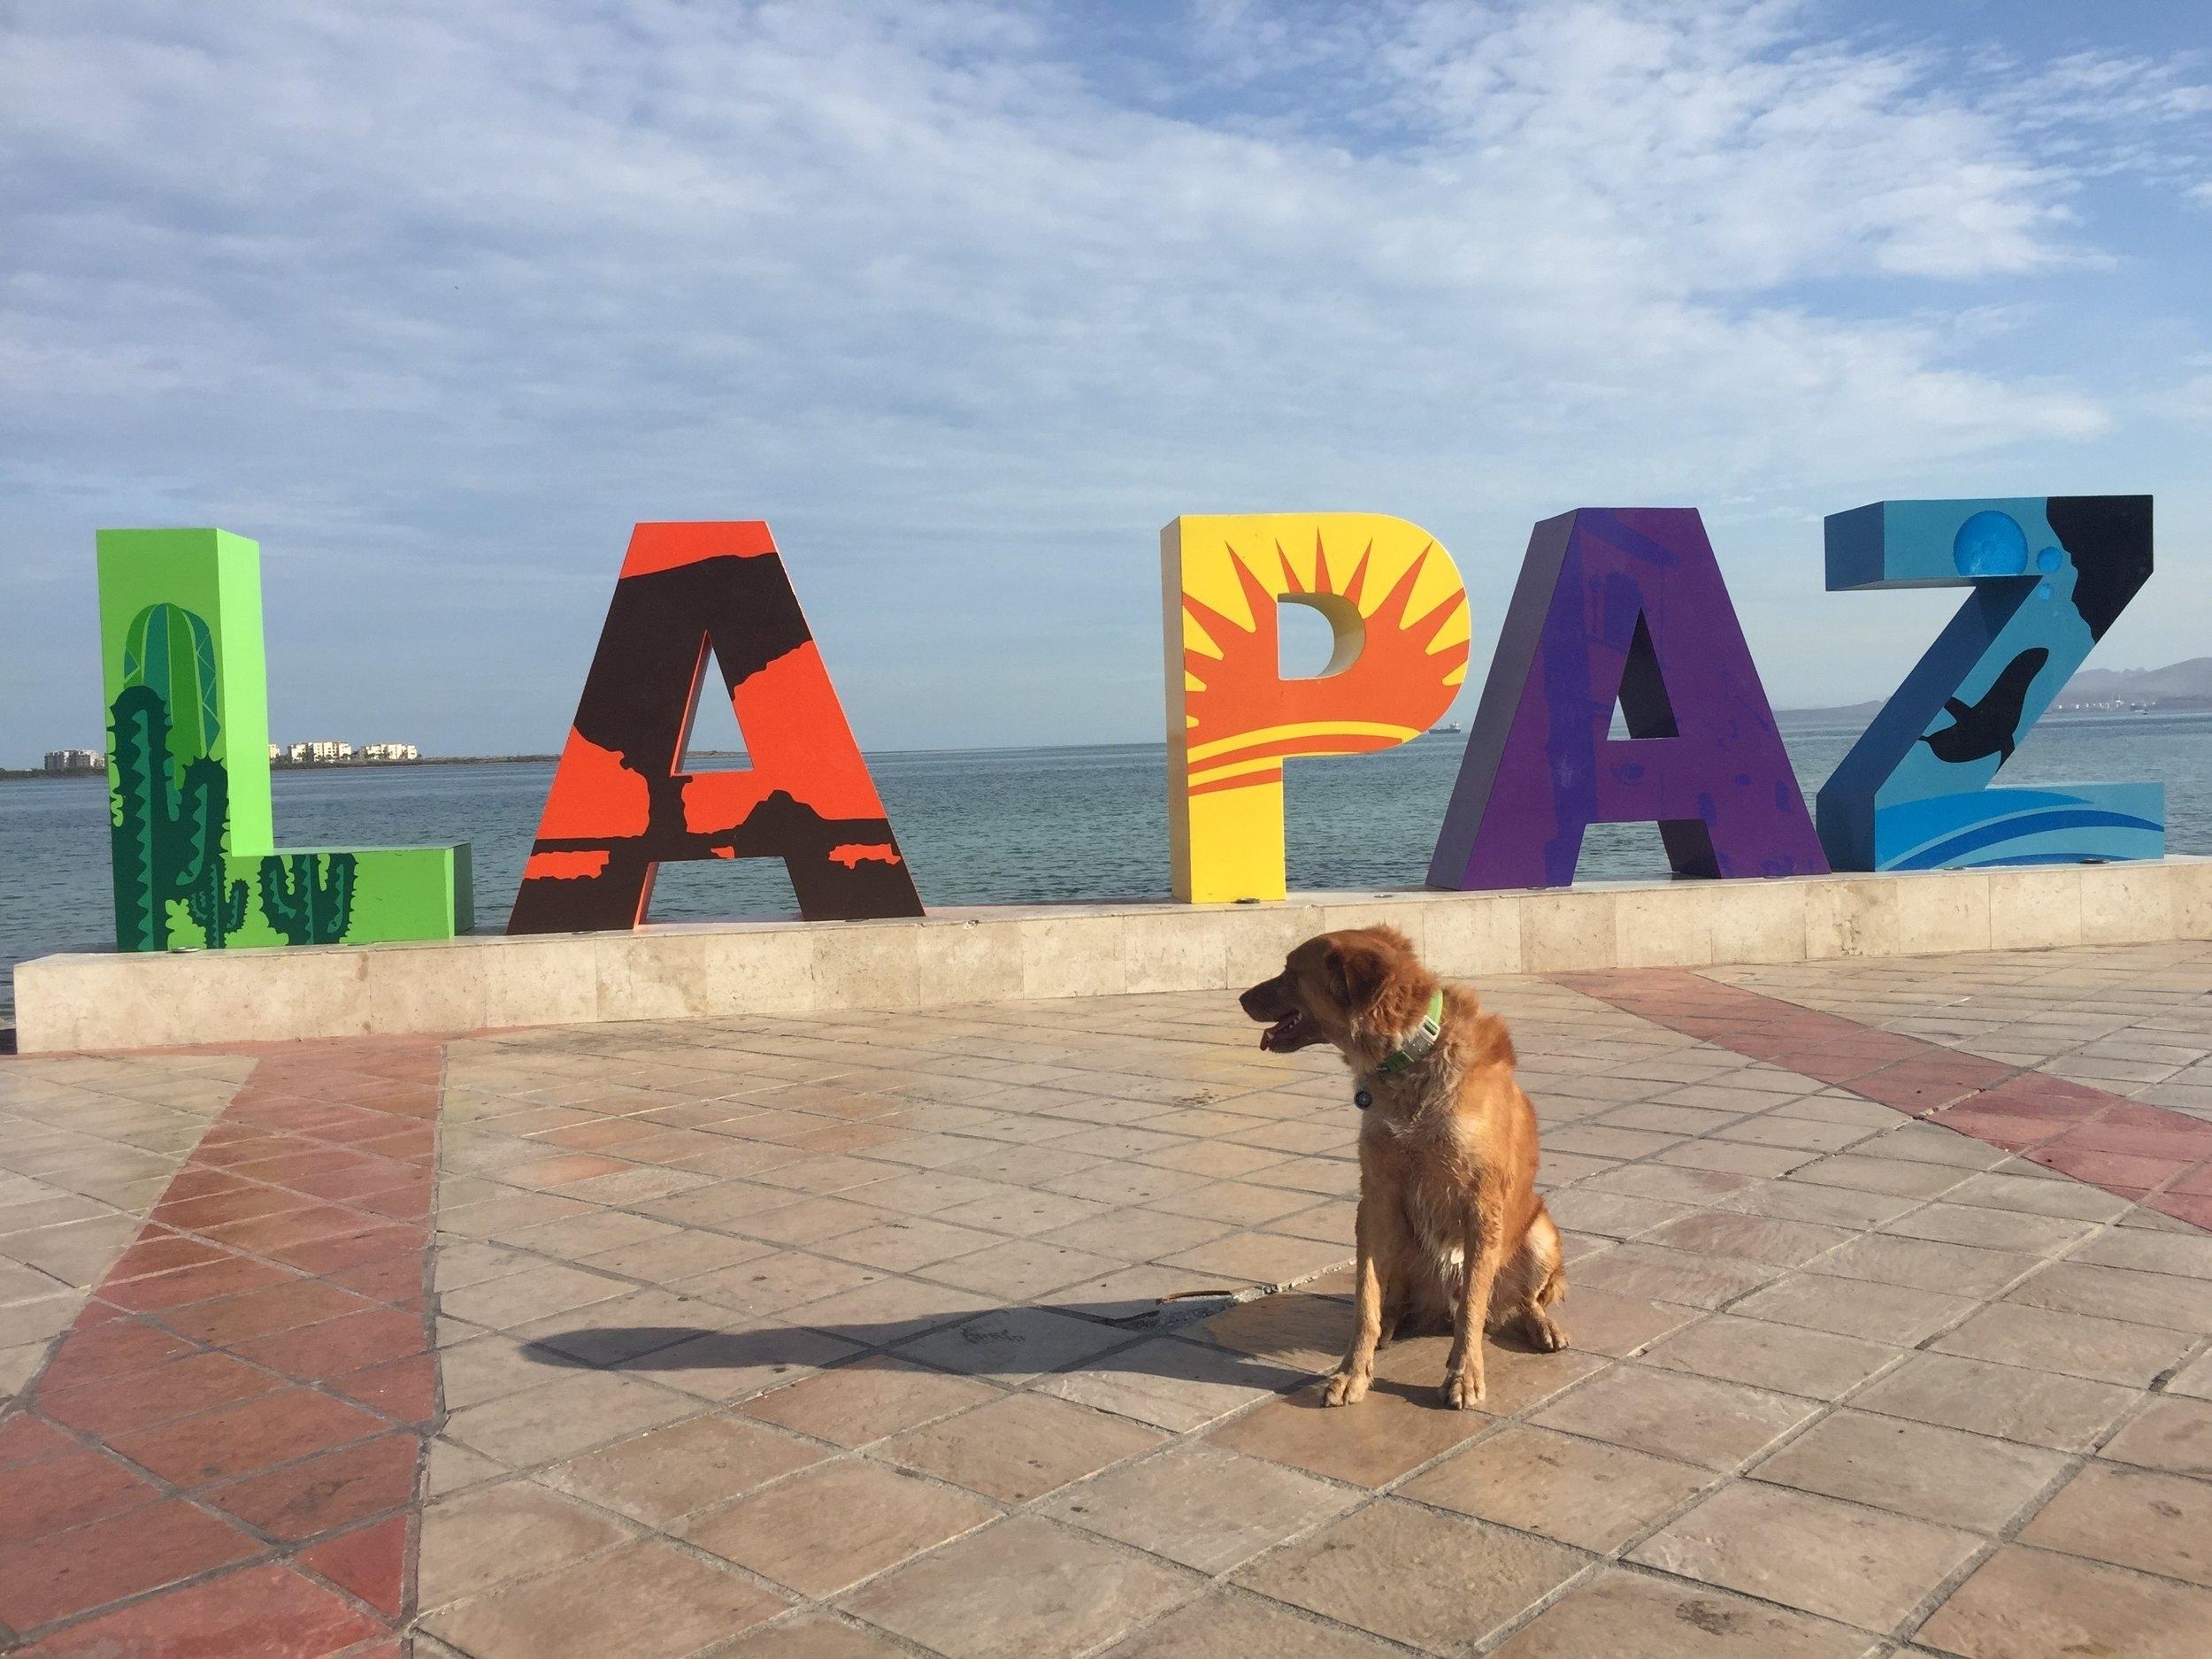 Baja 2017